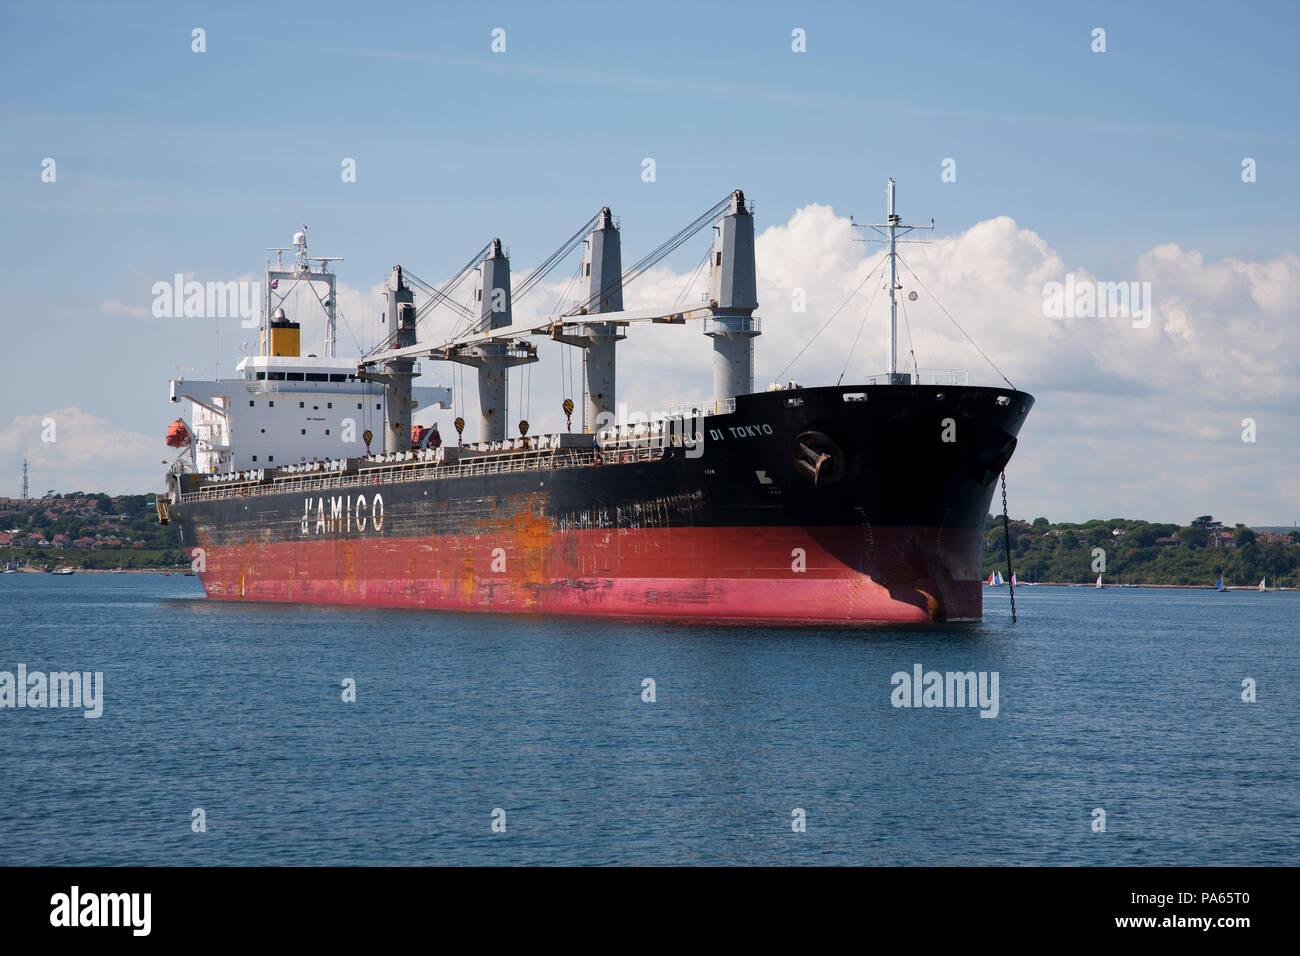 El petrolero el Amigo fondeado fuera de Portland Harbour Dorset UK Imagen De Stock